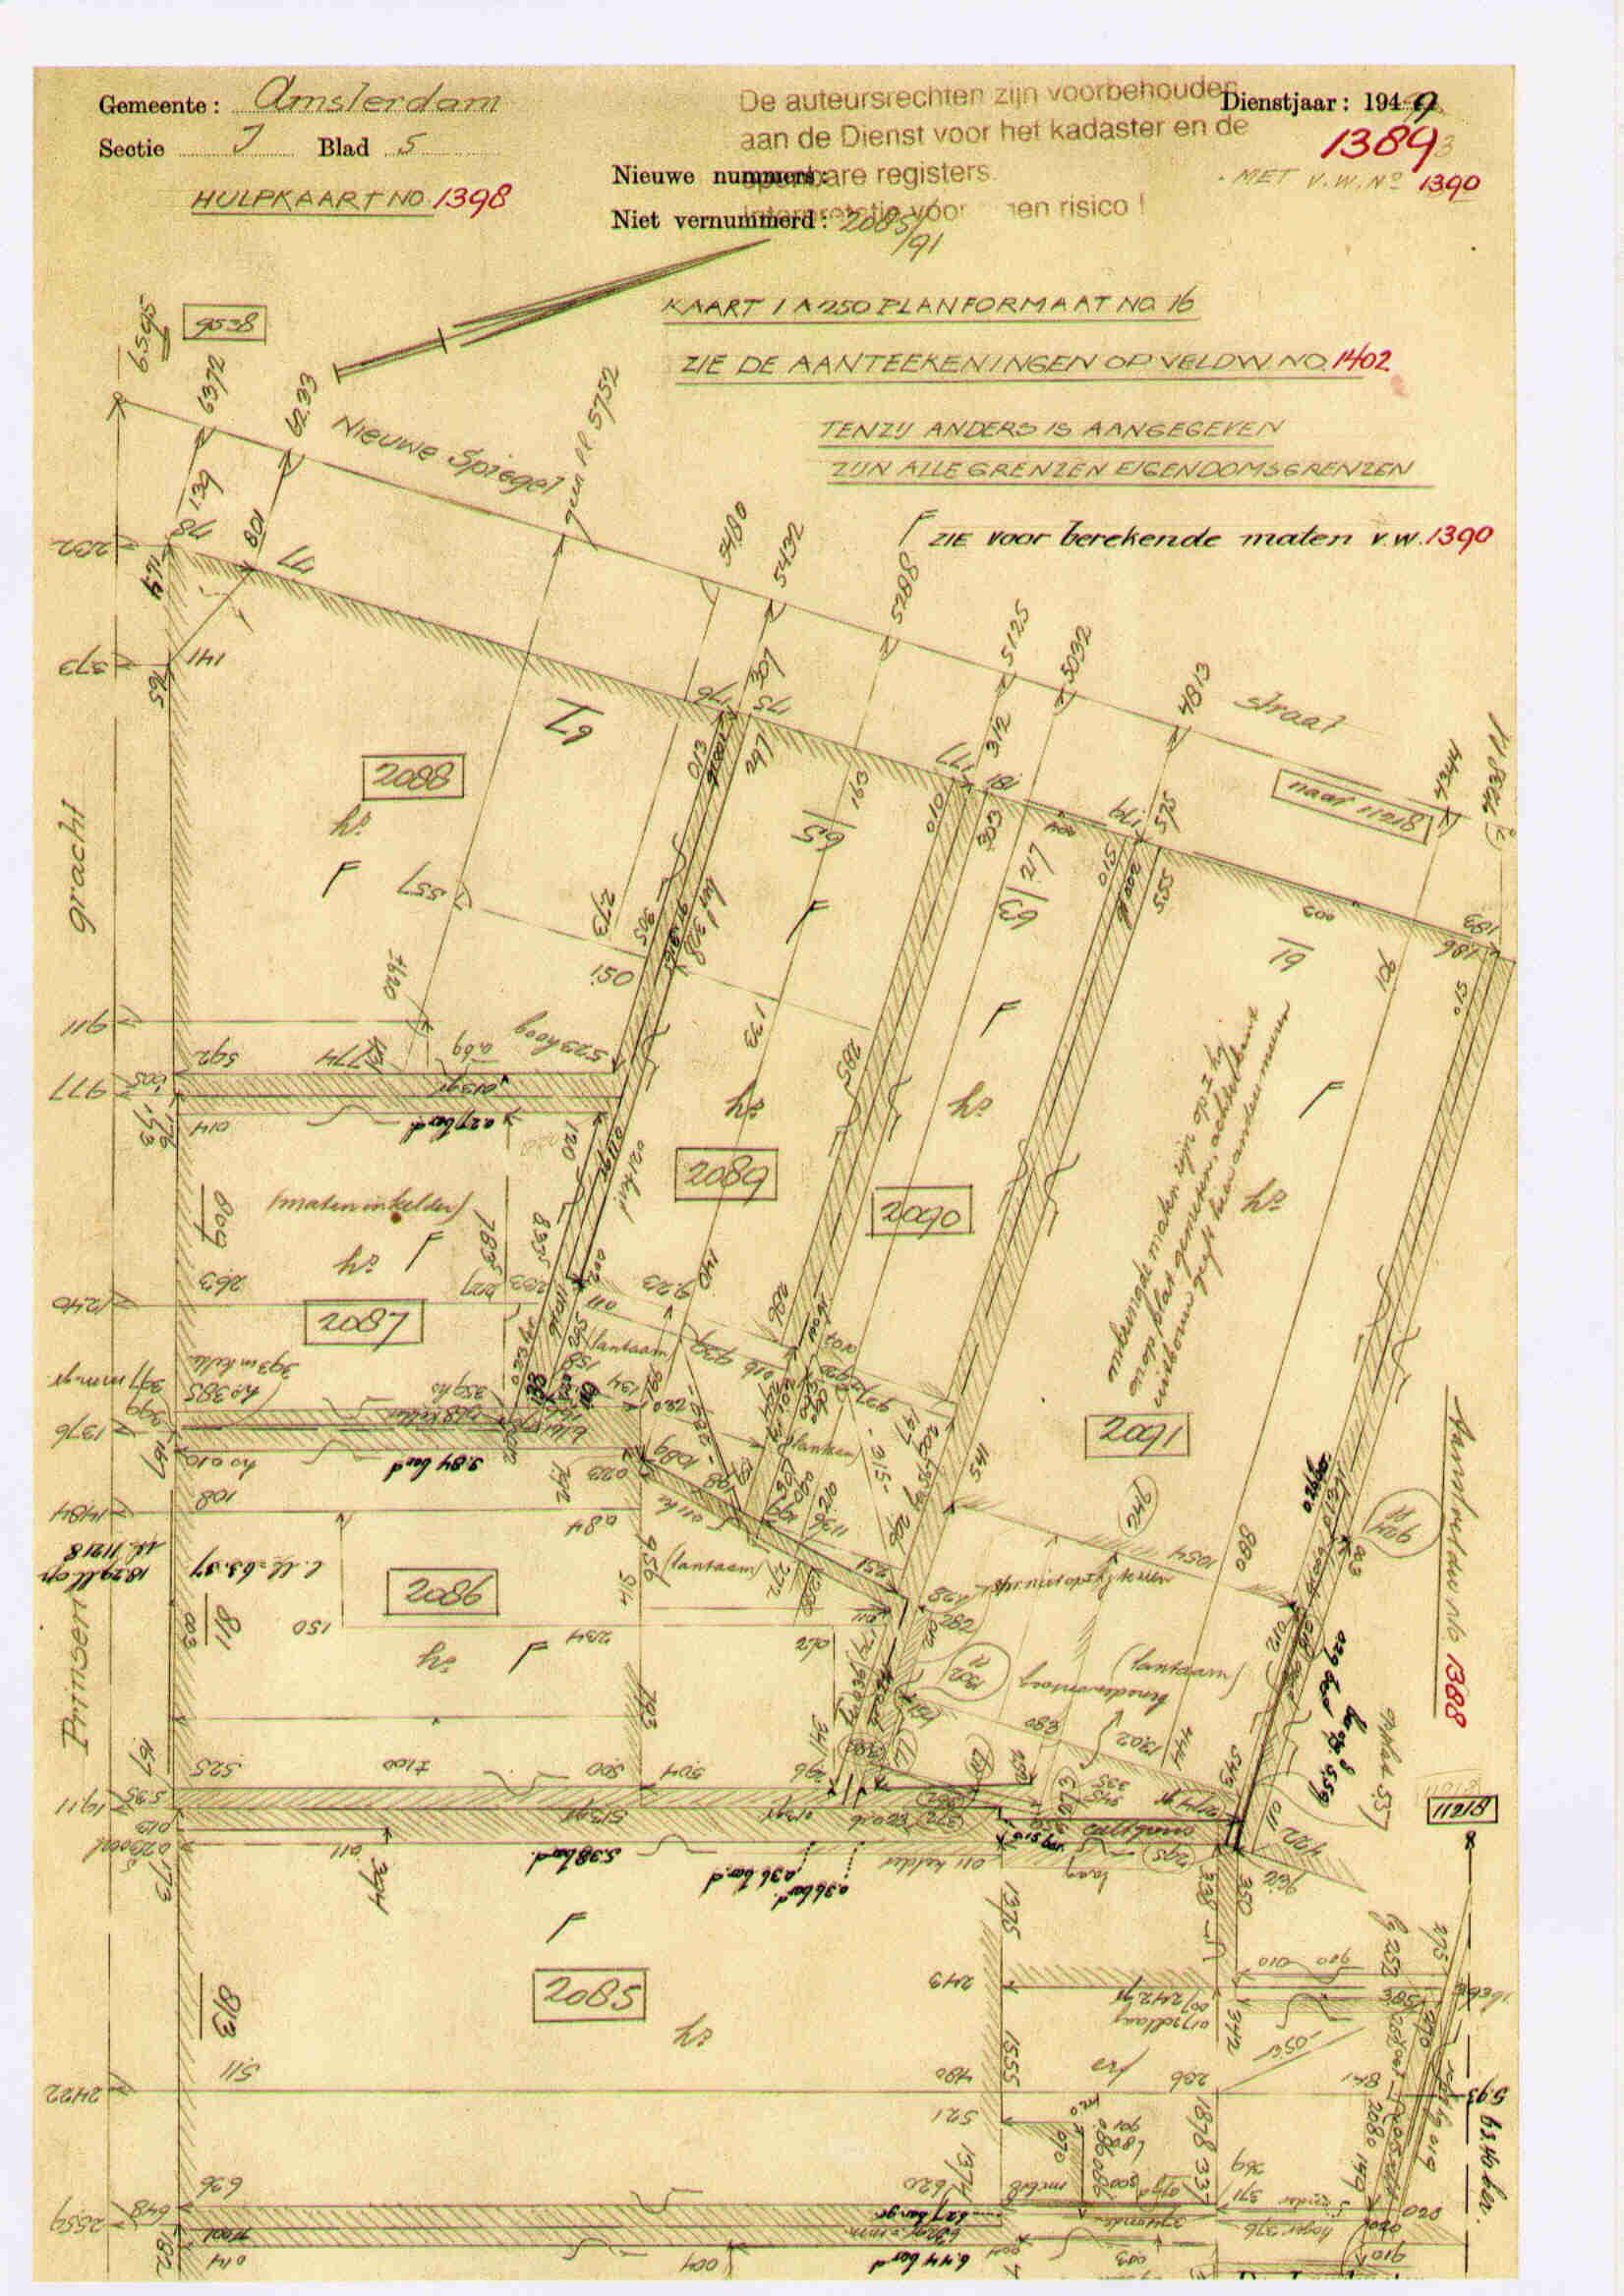 Veldwerk Prinsengracht 811 uit 1949 met de afmetingen van de bebouwing op maaiveldhoogte. No. 811 heeft vijf belendingen.